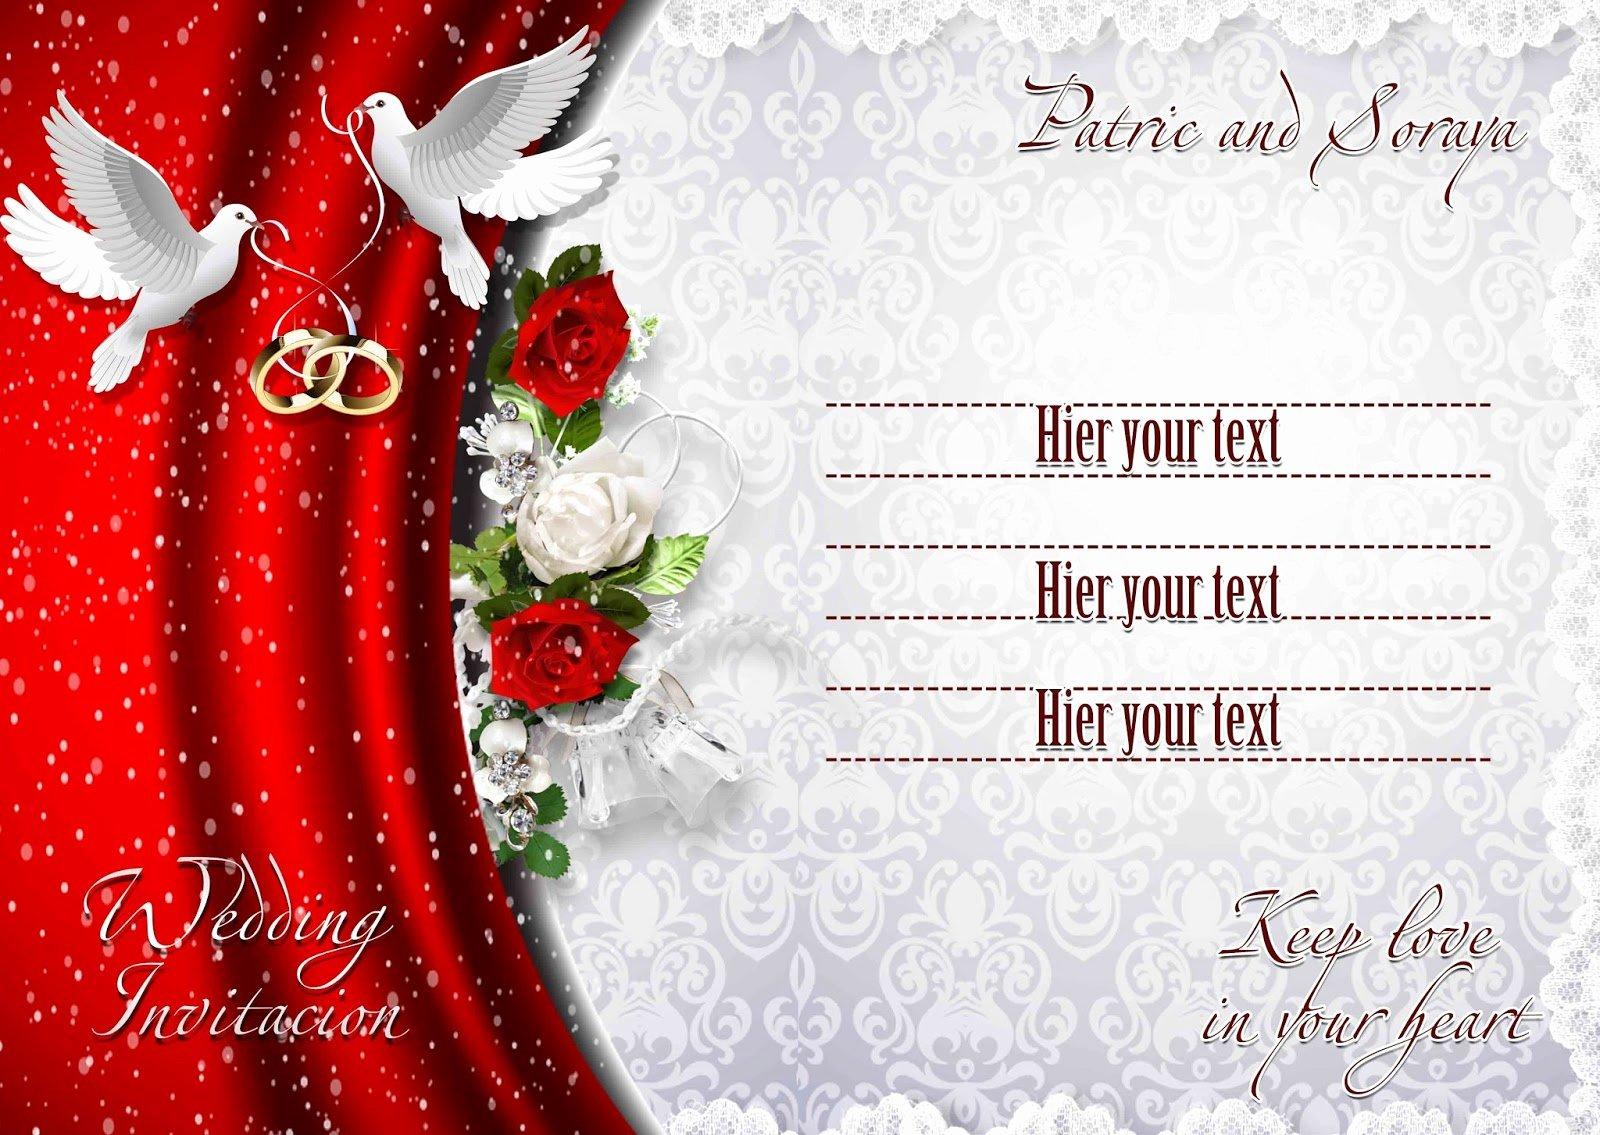 Wedding Invitation Template Psd Beautiful Background Images for Photoshop Wedding Romeondinez